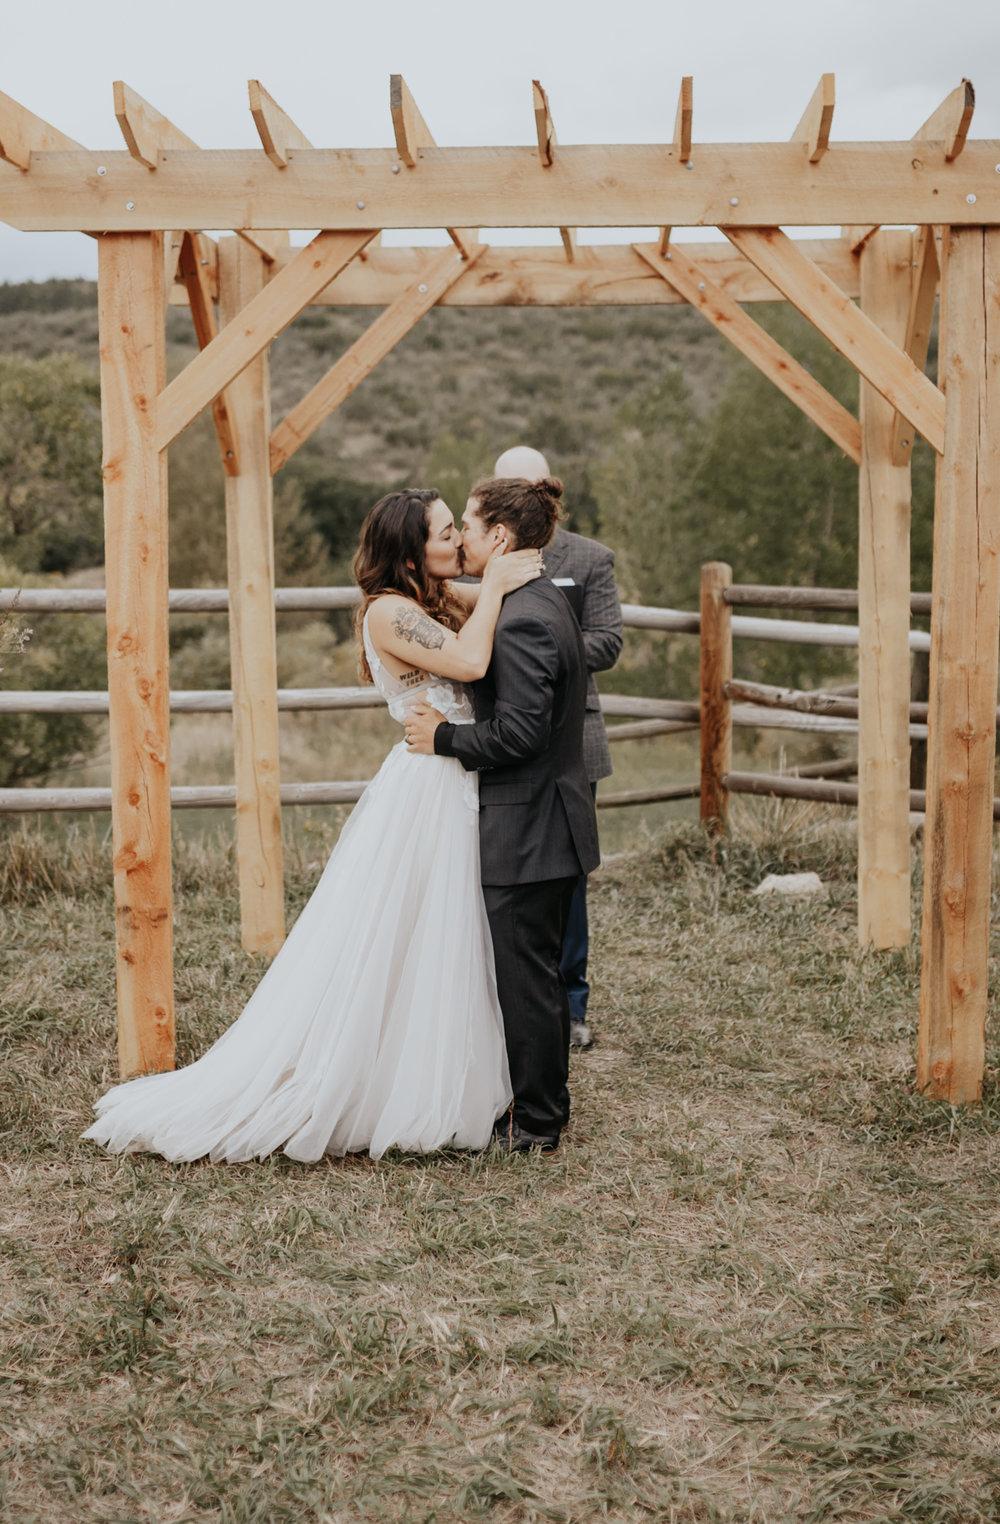 Sarah & Nicholas' Intimate Backyard Colorado Wedding-213.jpg